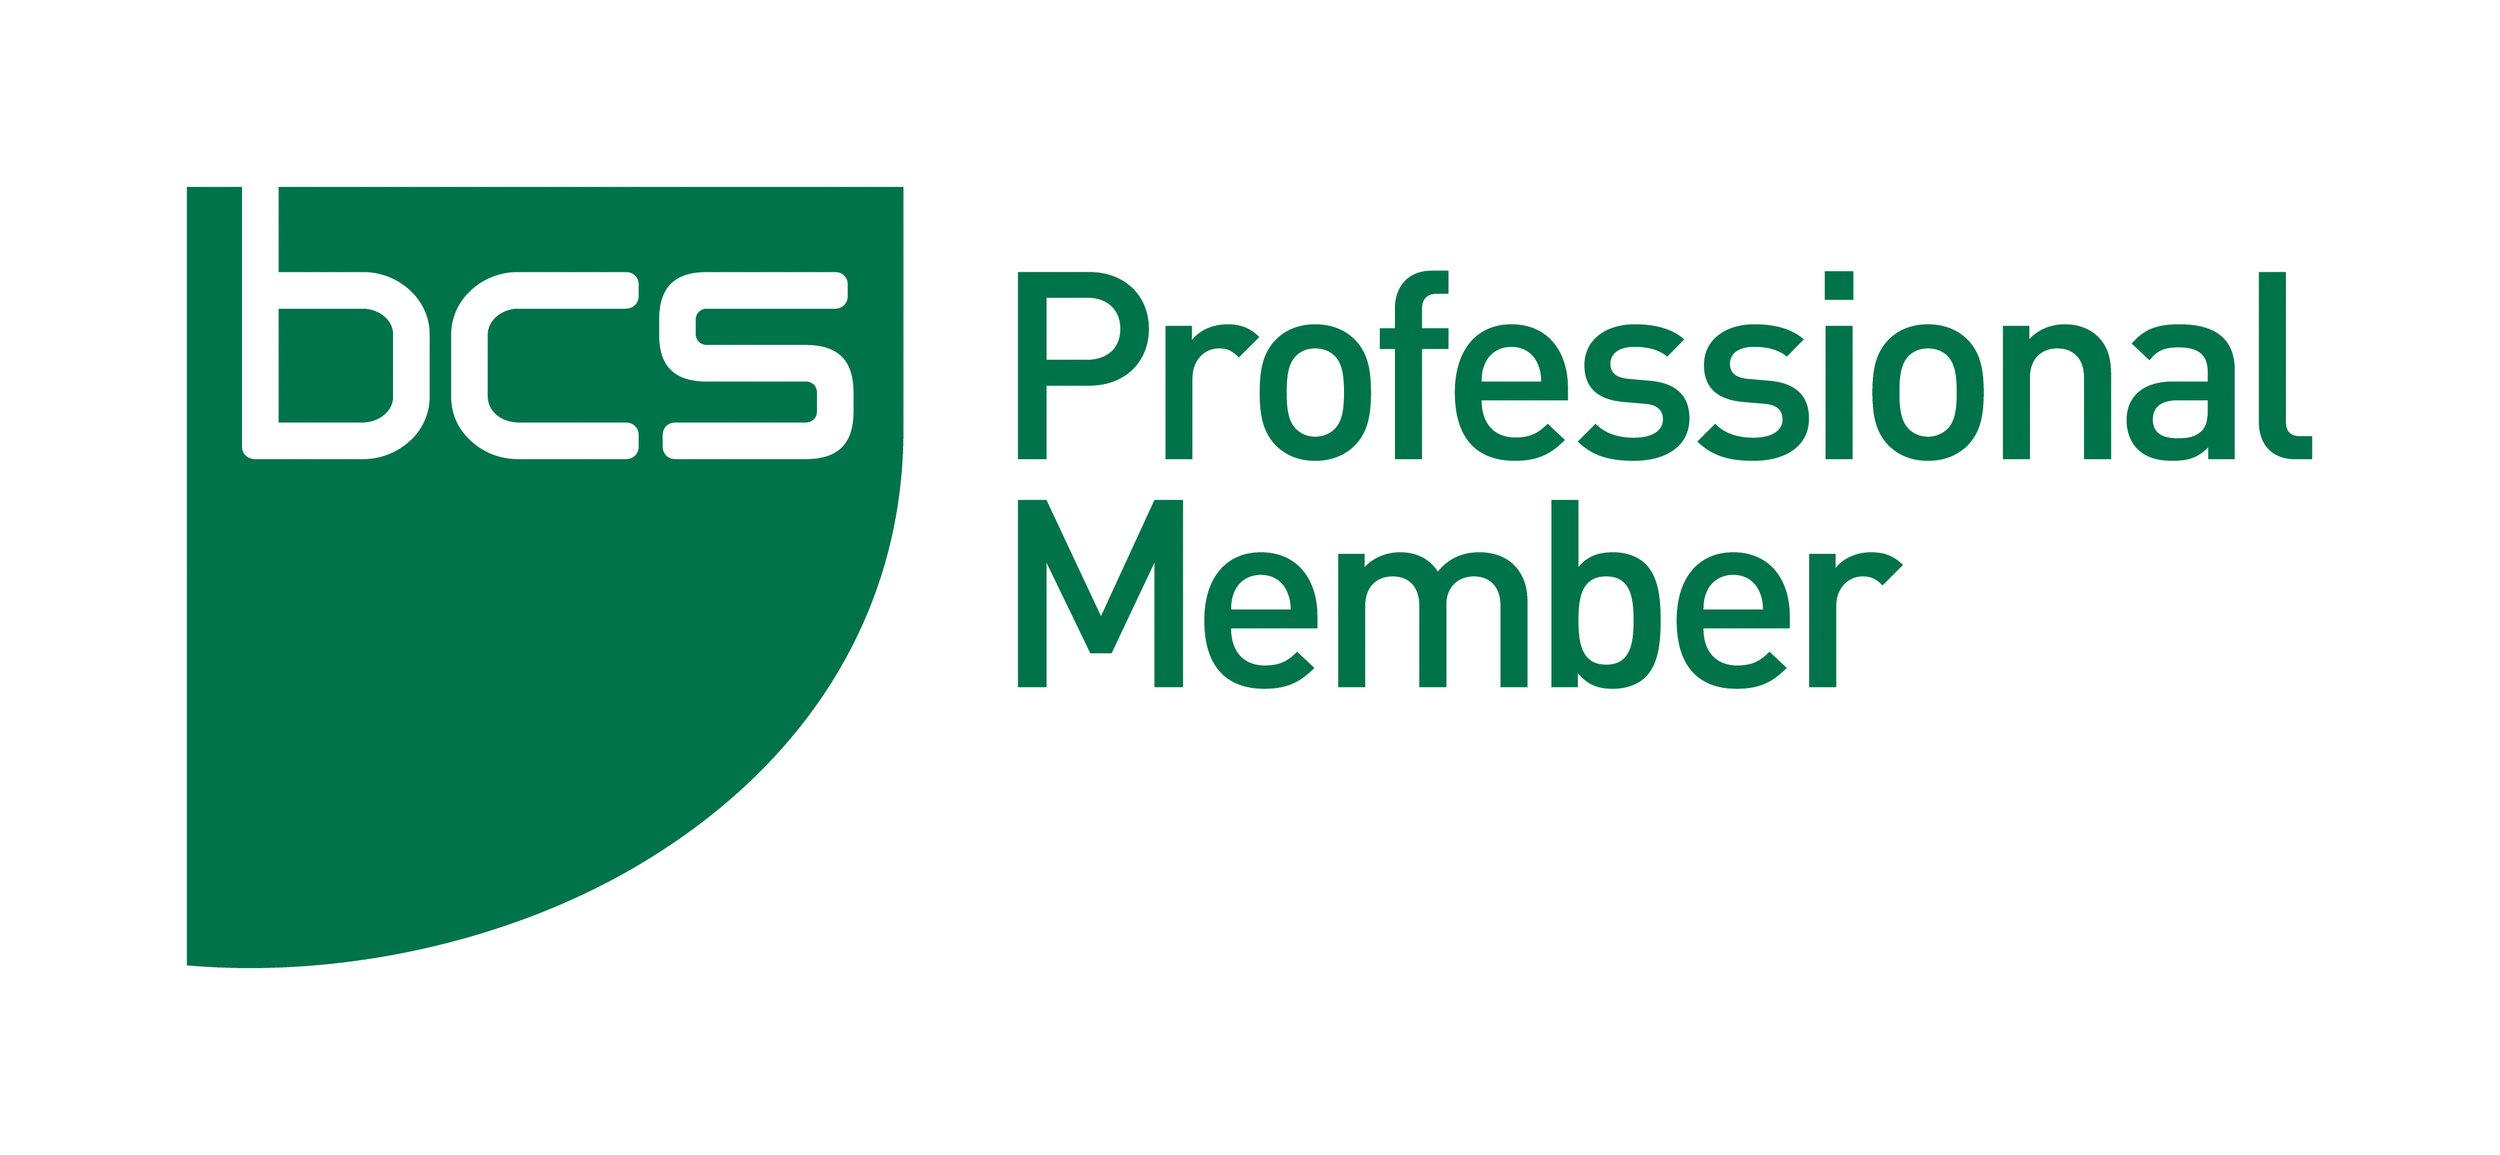 bcs-membership-logo.jpg